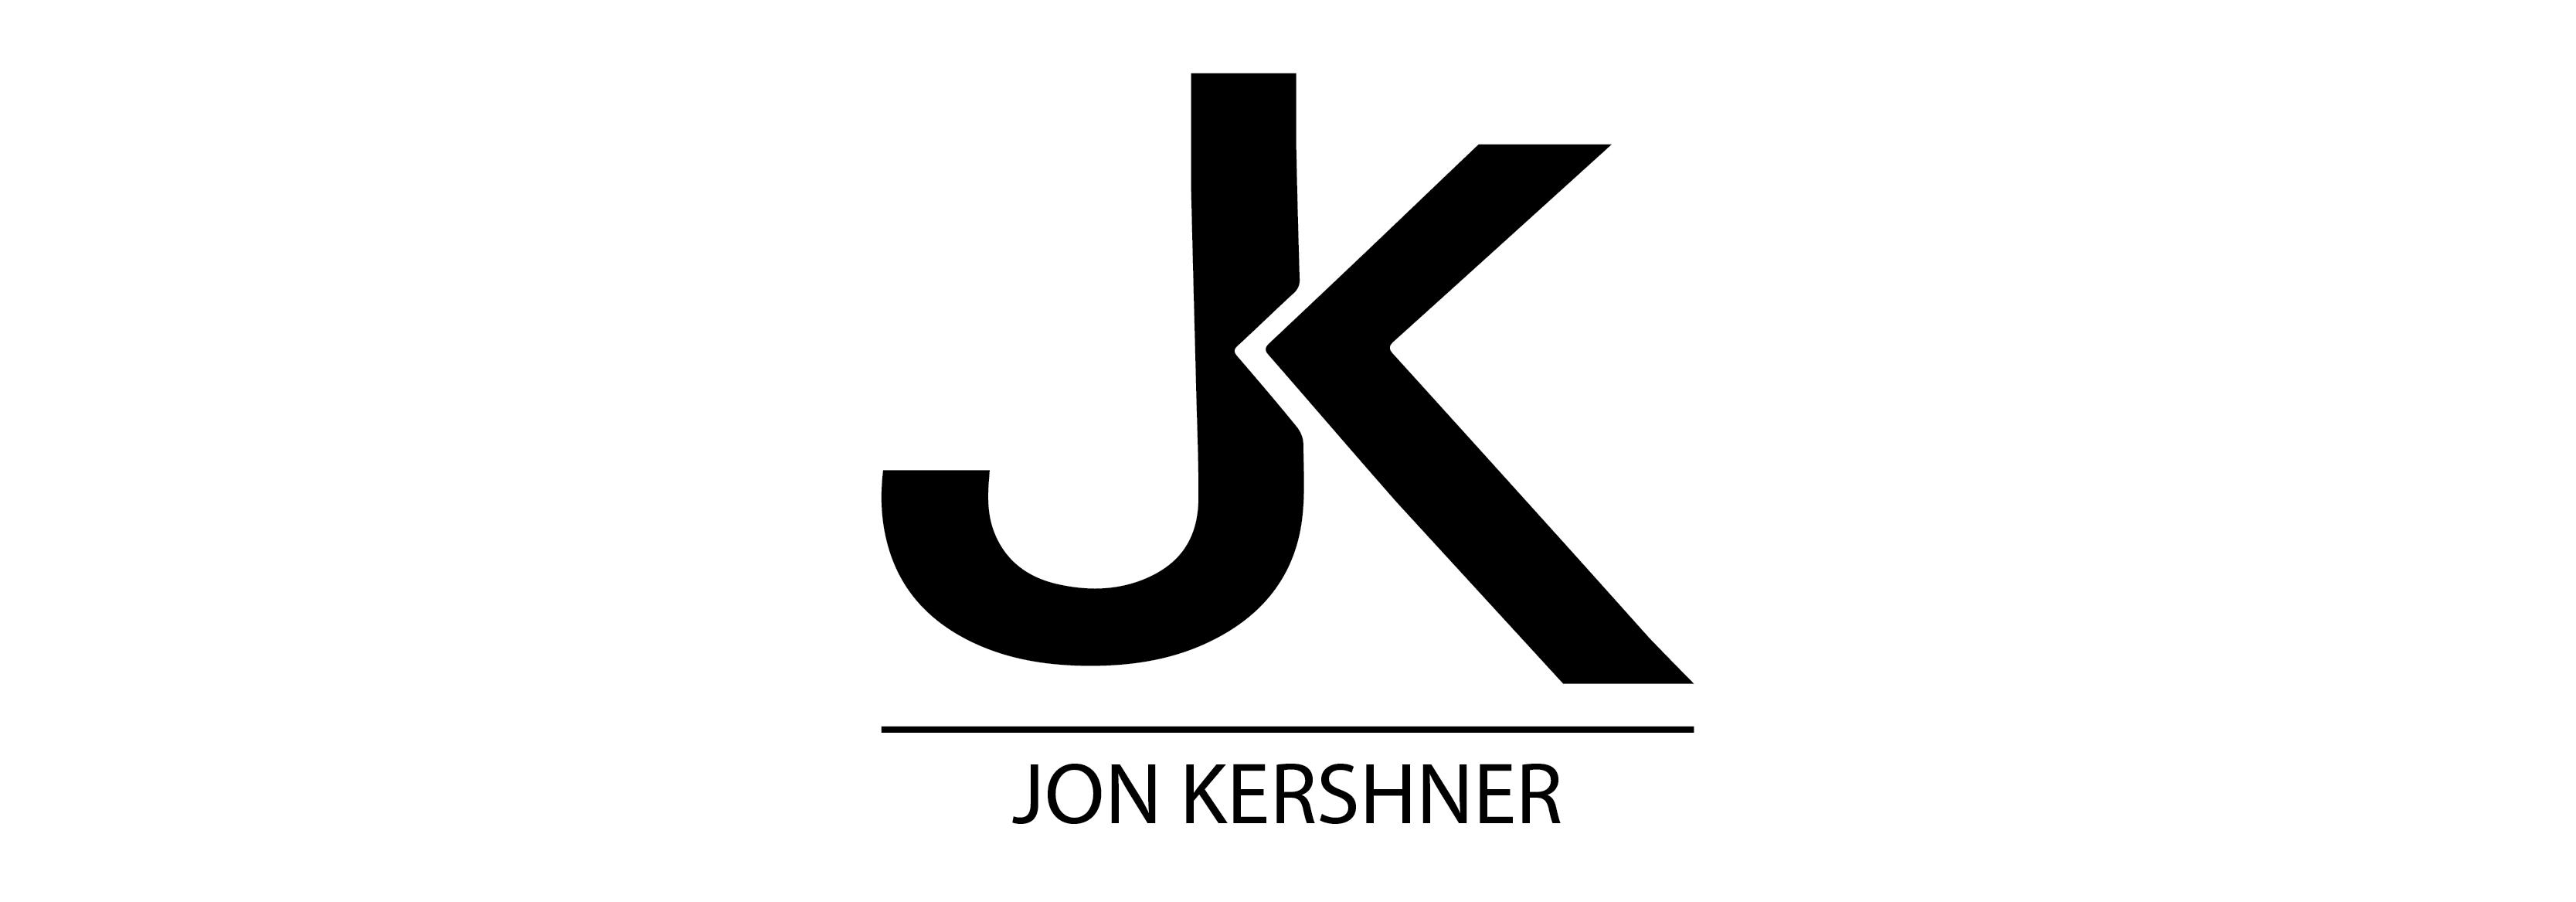 Jon Kershner